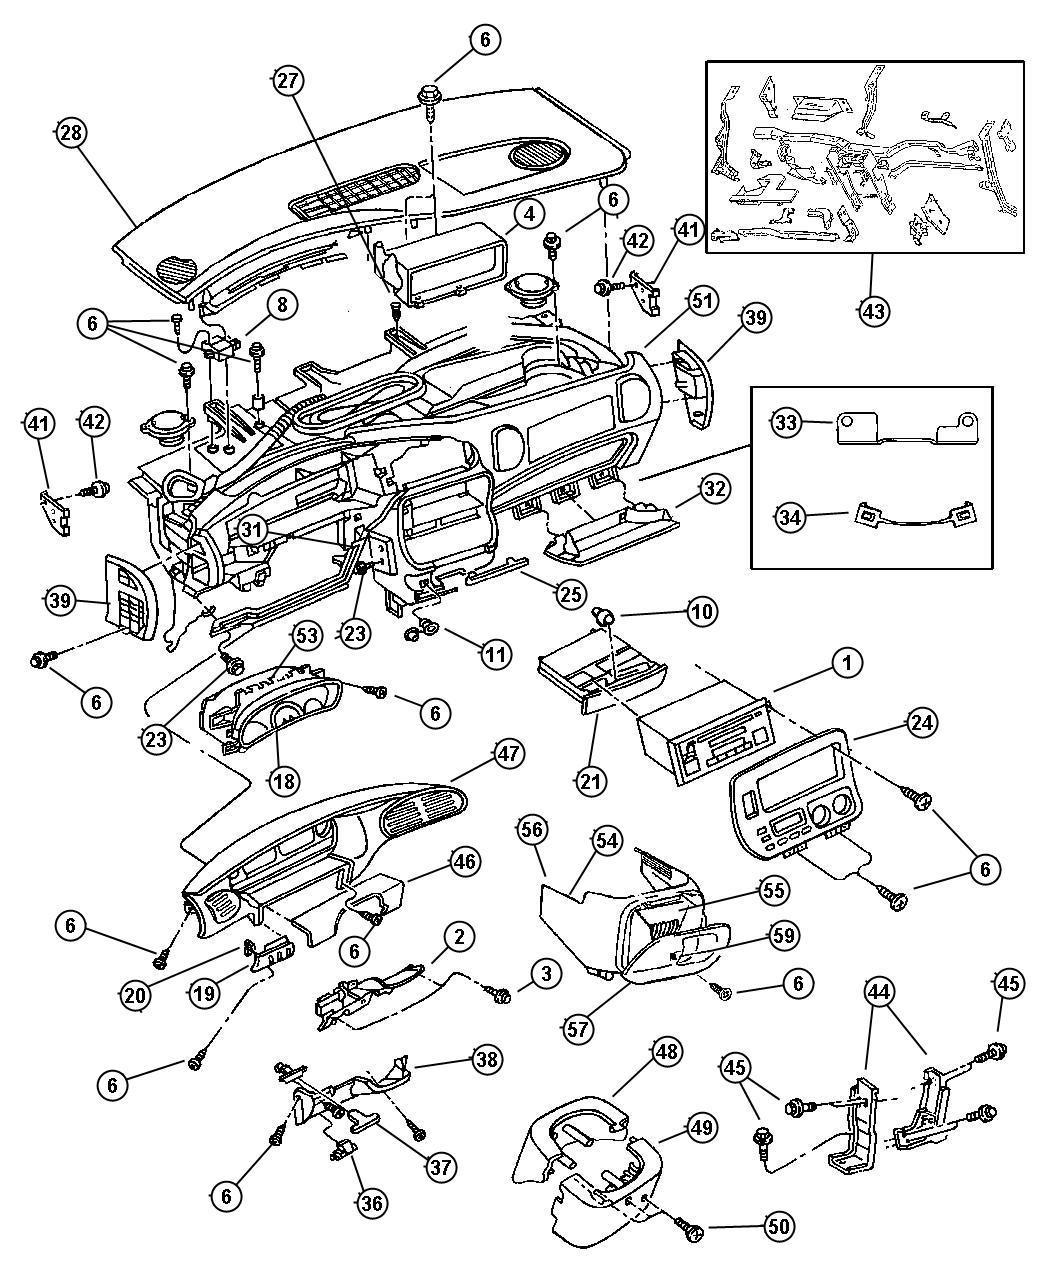 2003 Dodge Grand Caravan Handle  Parking Brake  Trim   All